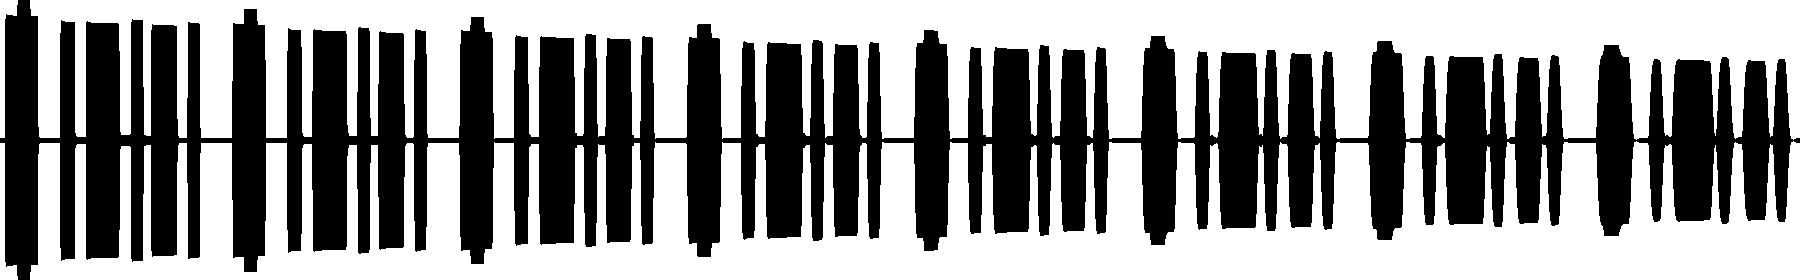 veh2 synths   056 c